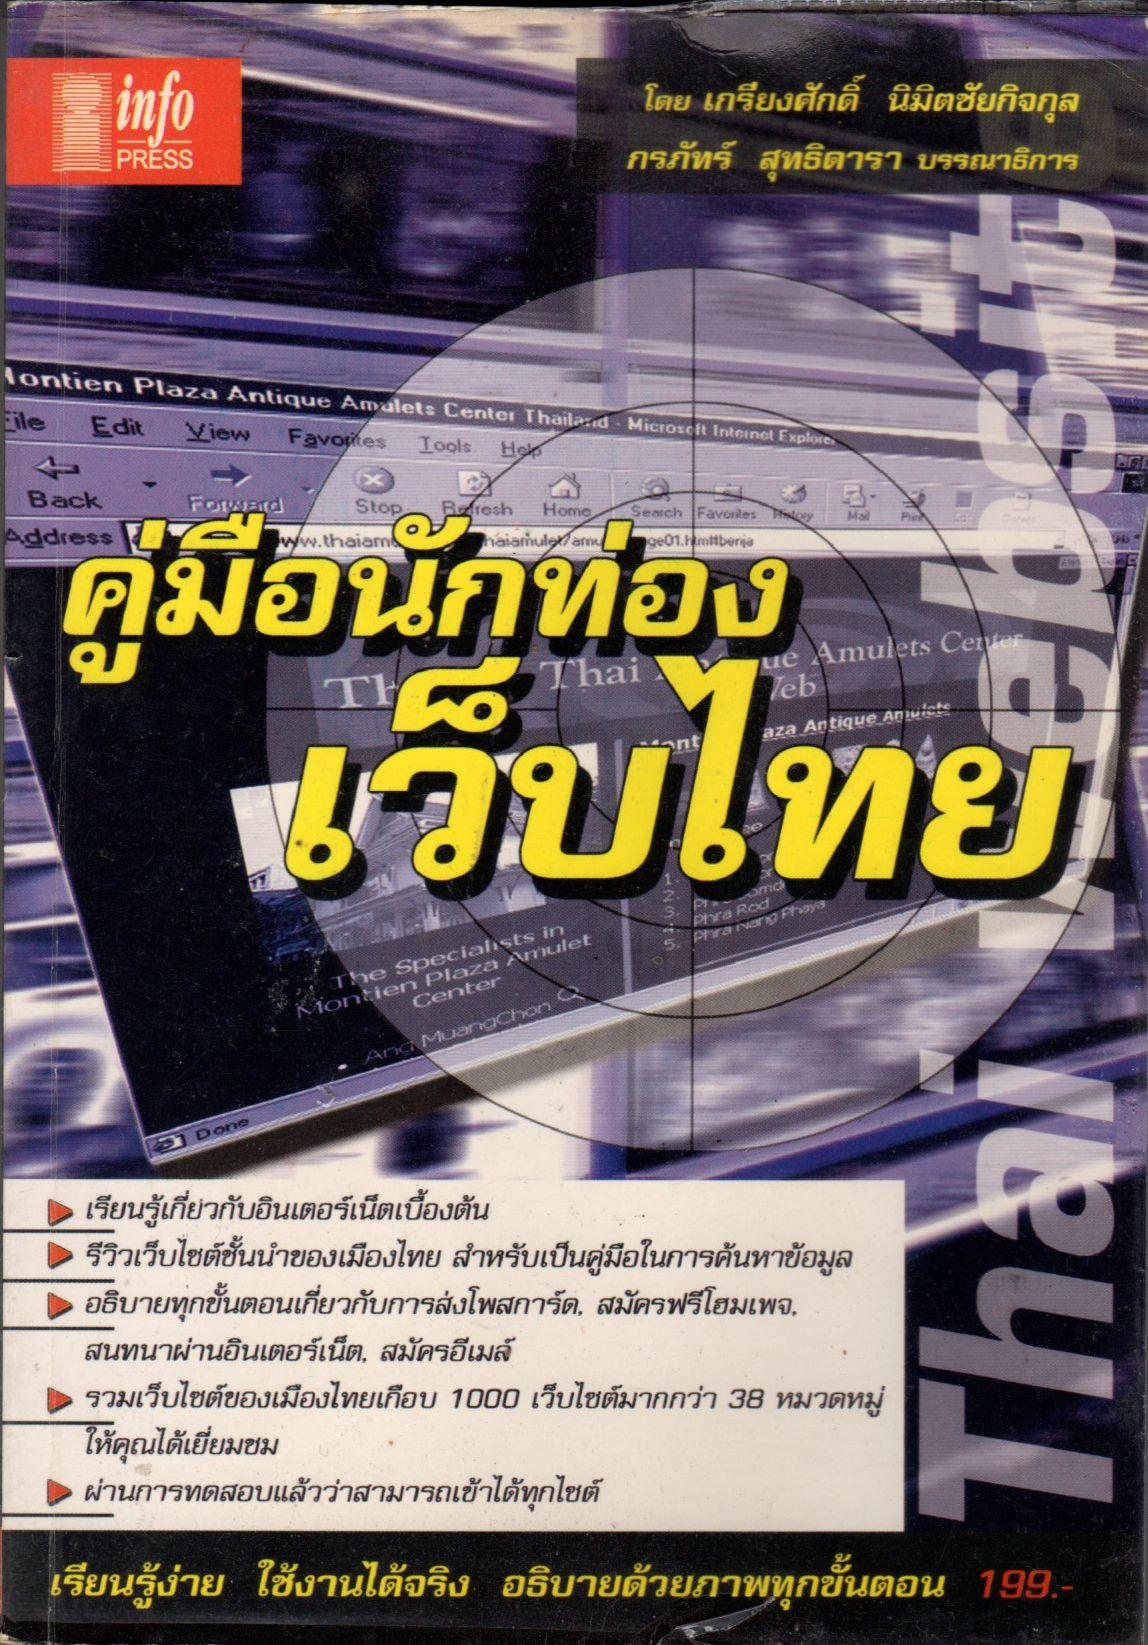 คู่มือนักท่องเว็บไทย